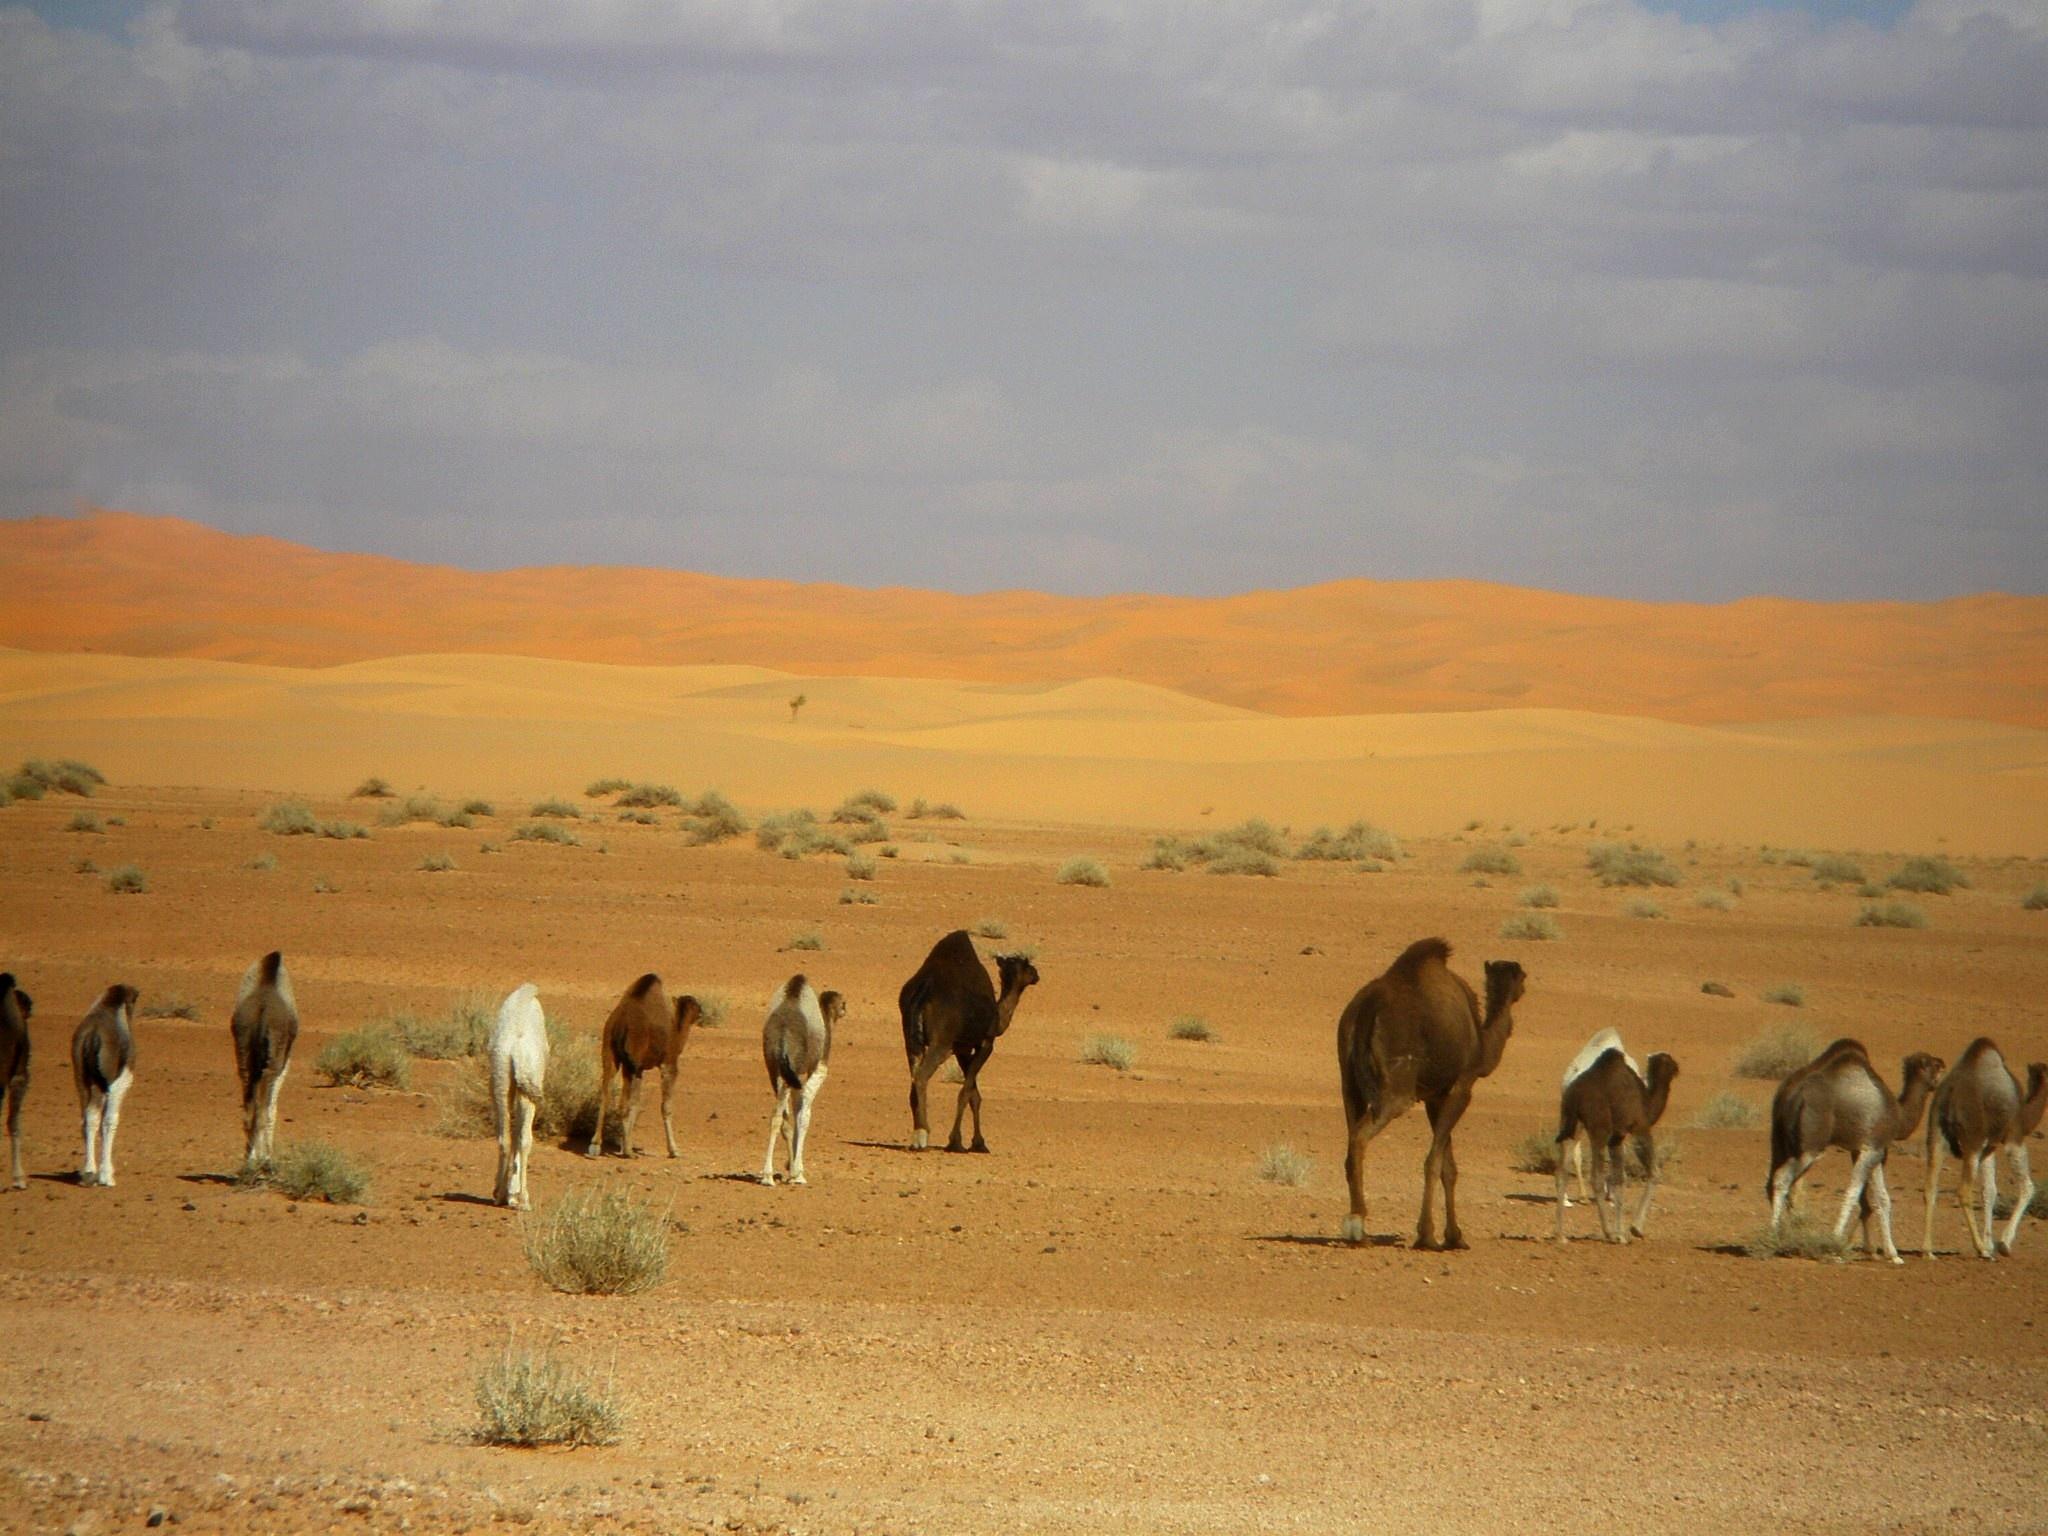 Camels by Khalid Hanafi